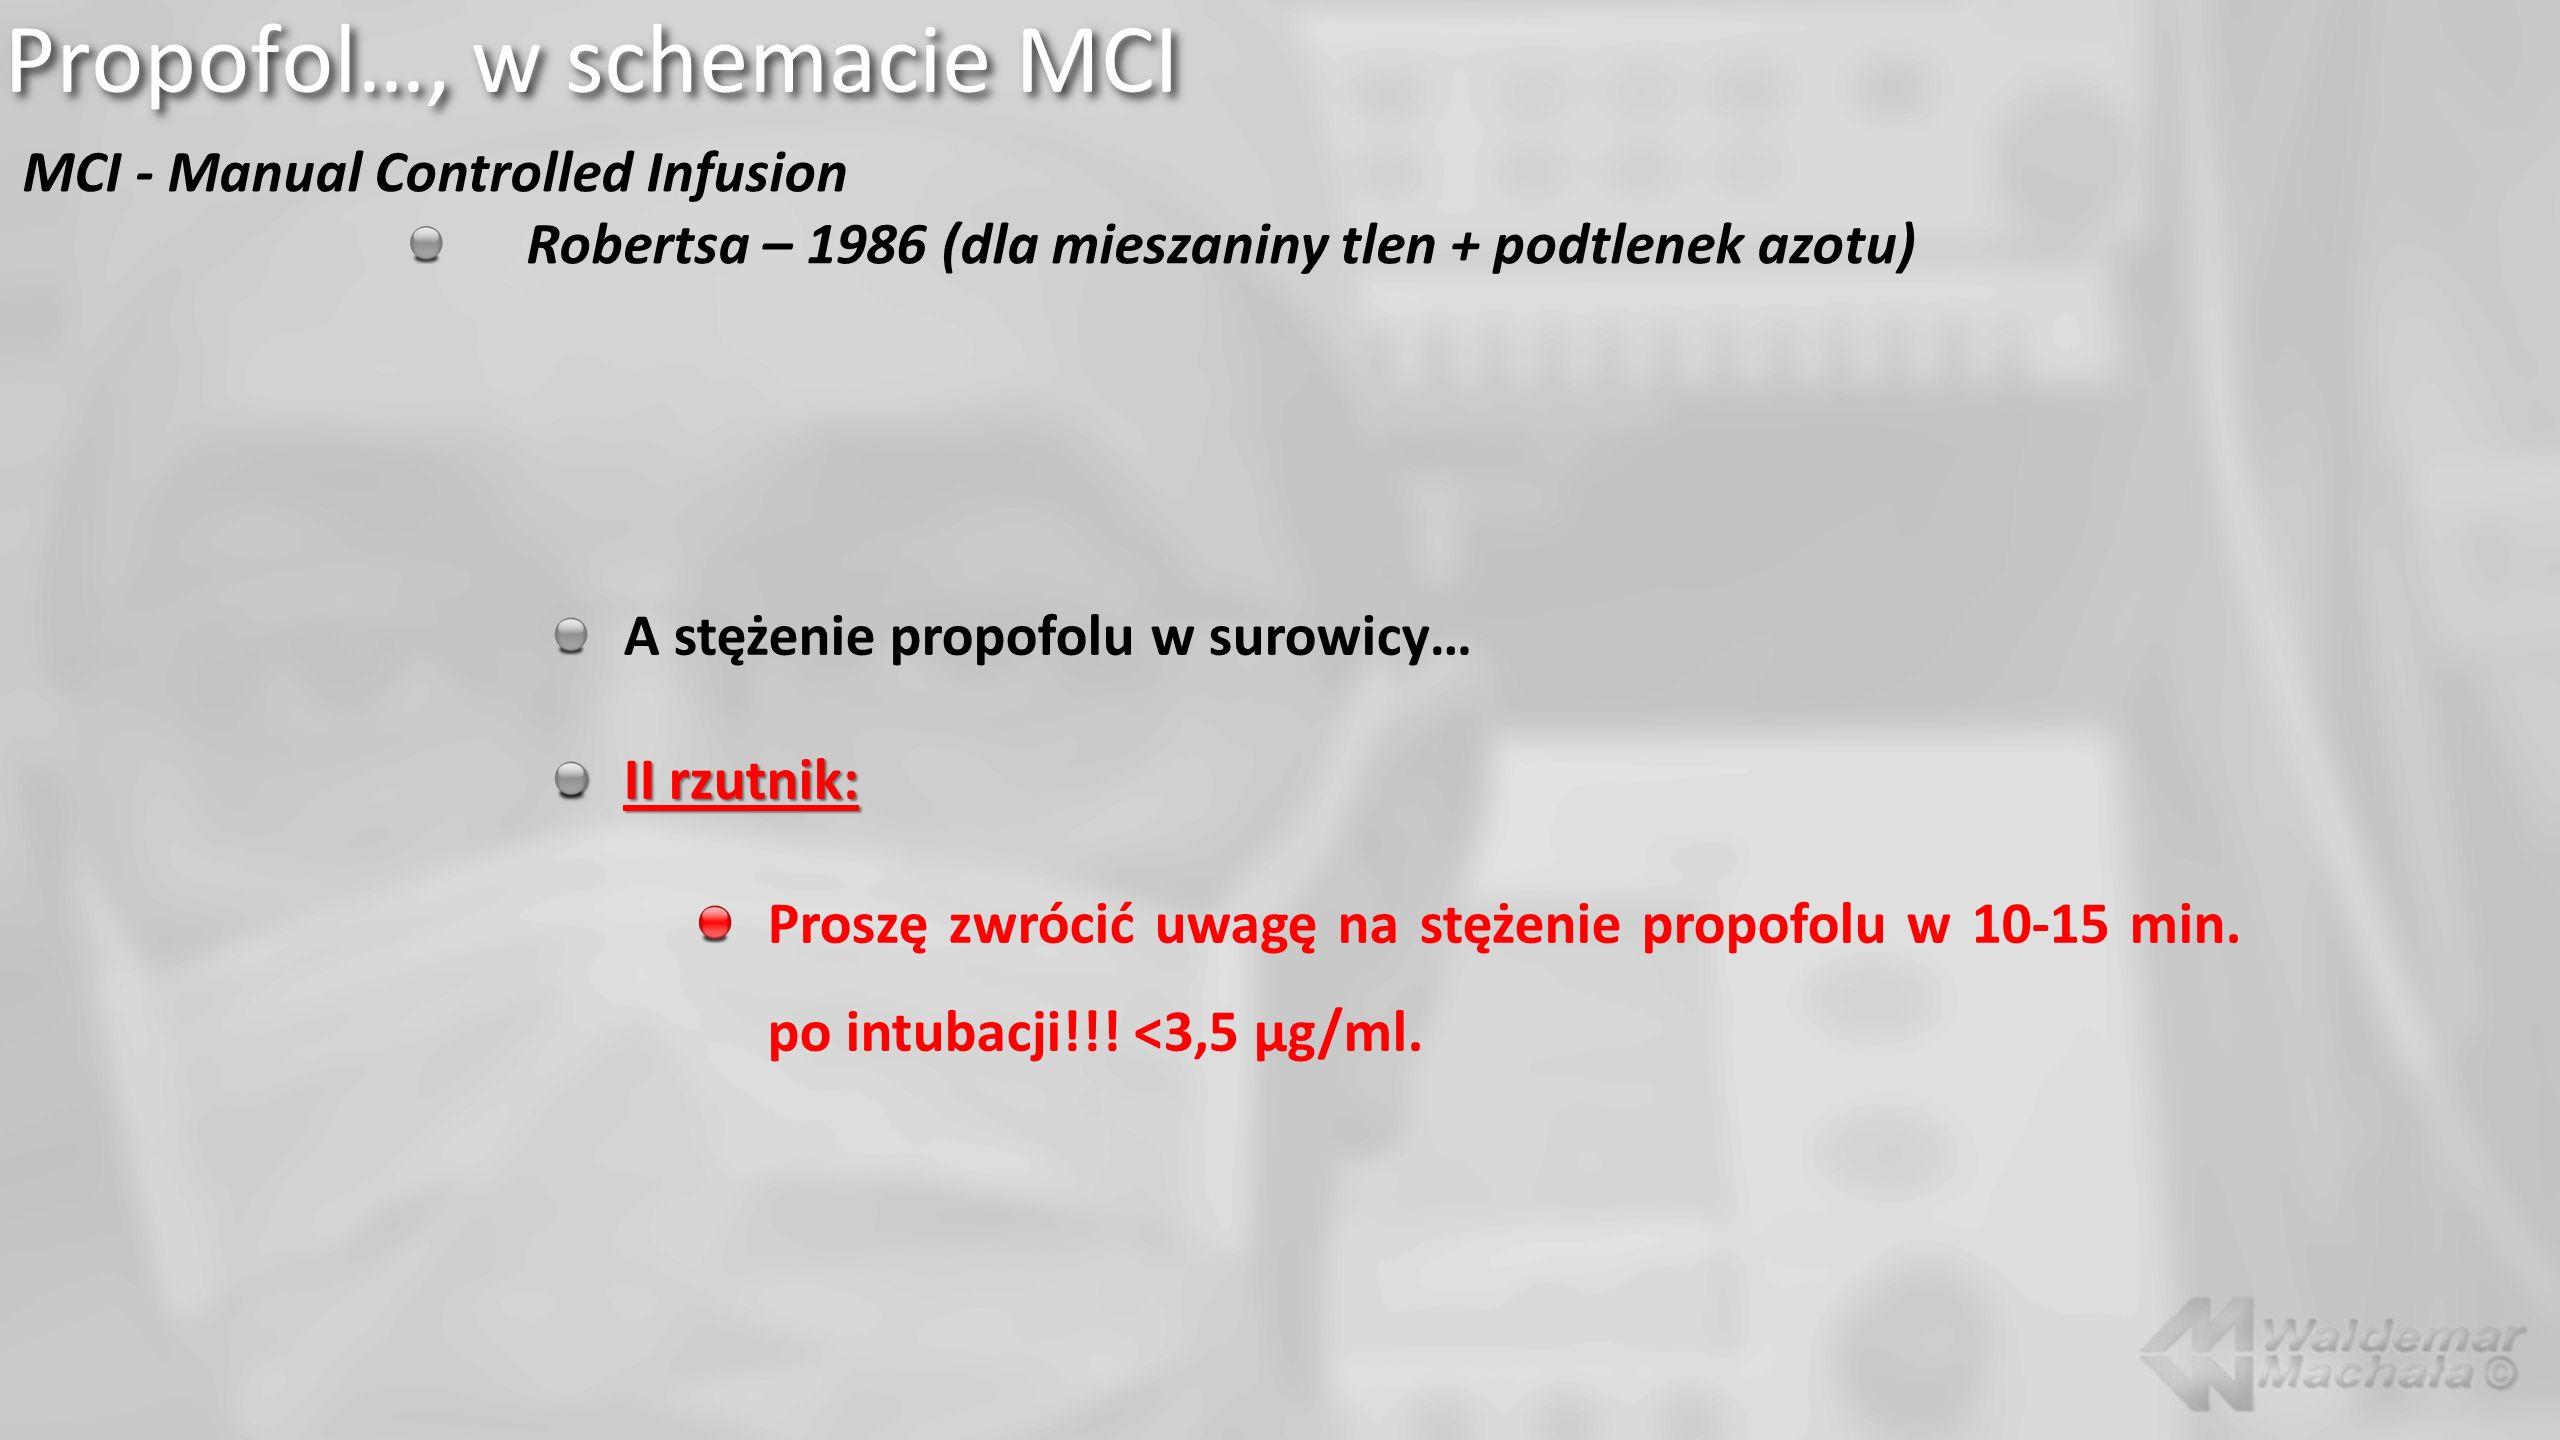 Propofol…, w schemacie MCI